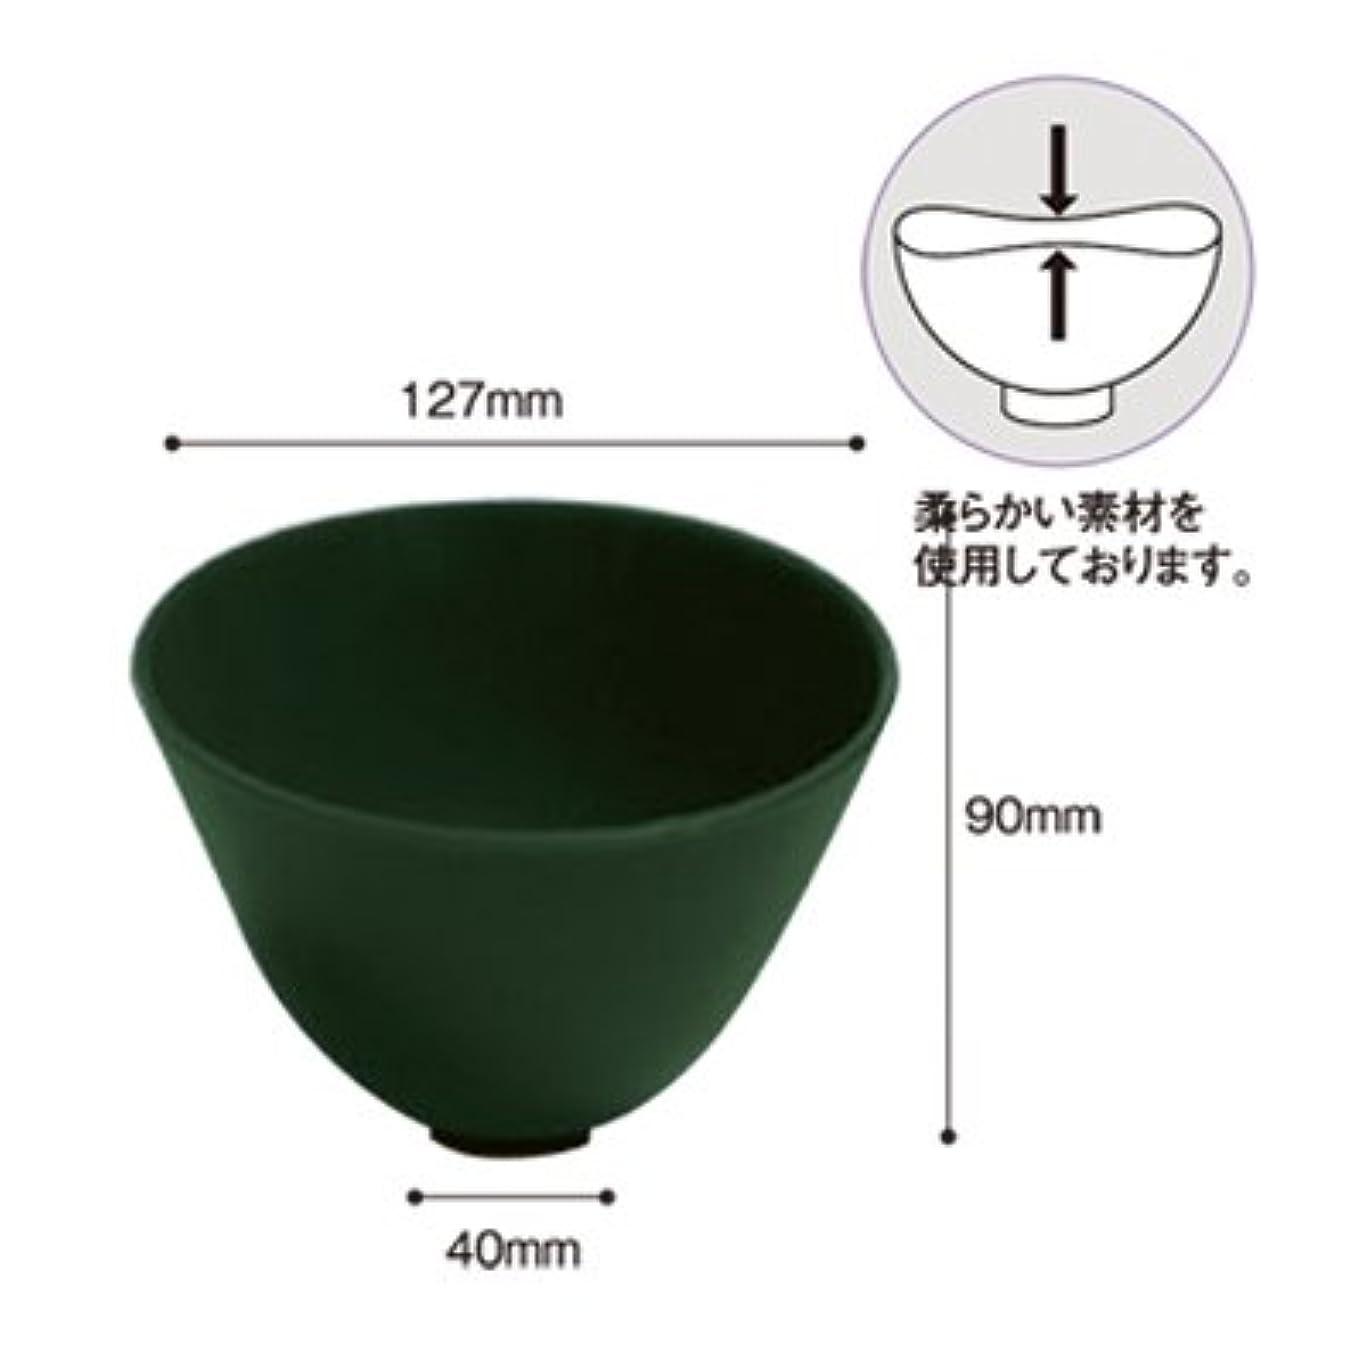 ダイアクリティカルユニークなチューリップ(ロータス)LOTUS ラバーボウル エステ サロン 割れない カップ 歯科 Lサイズ (直径:127mm)グリーン